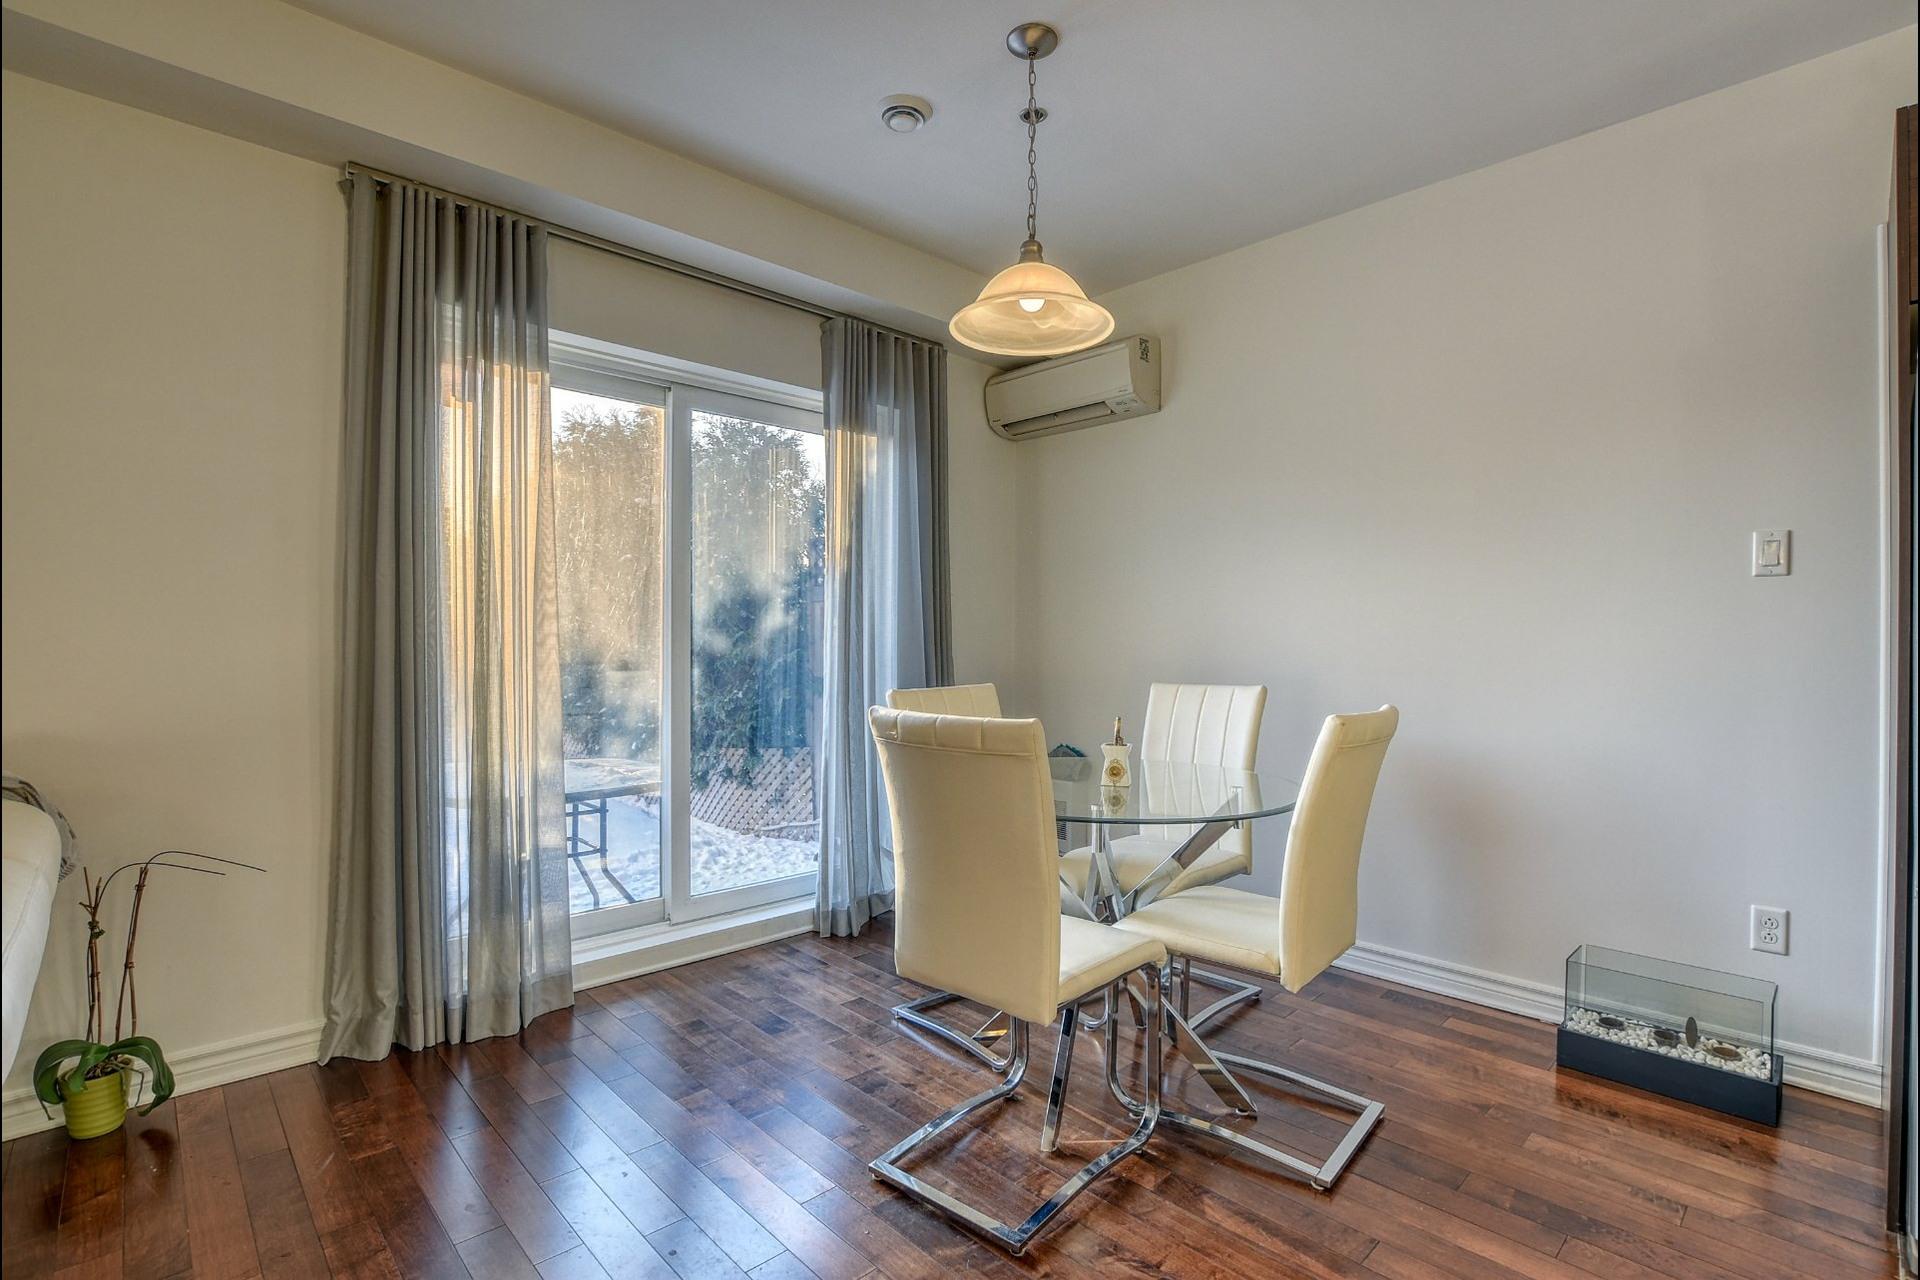 image 5 - Apartment For sale Saint-Laurent Montréal  - 7 rooms